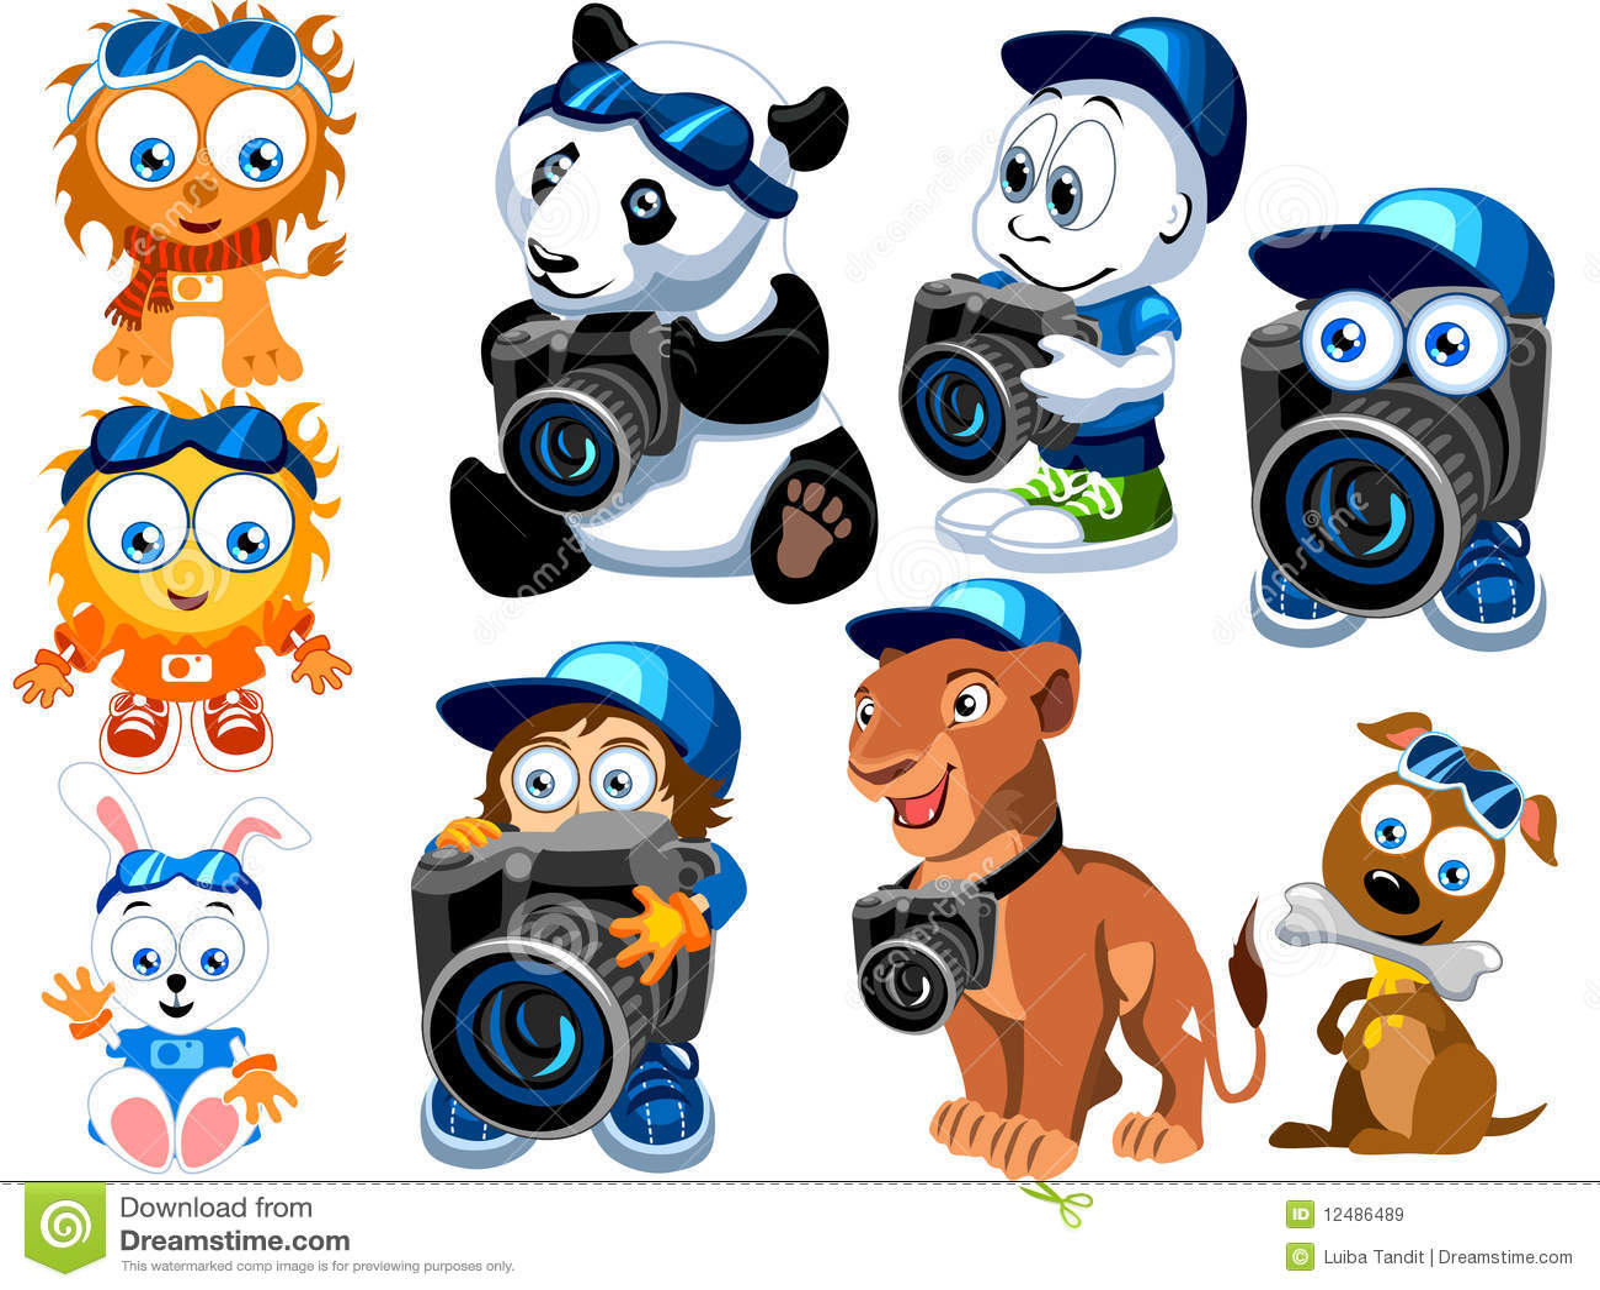 Personaggi dei cartoni animati immagini stock libere da